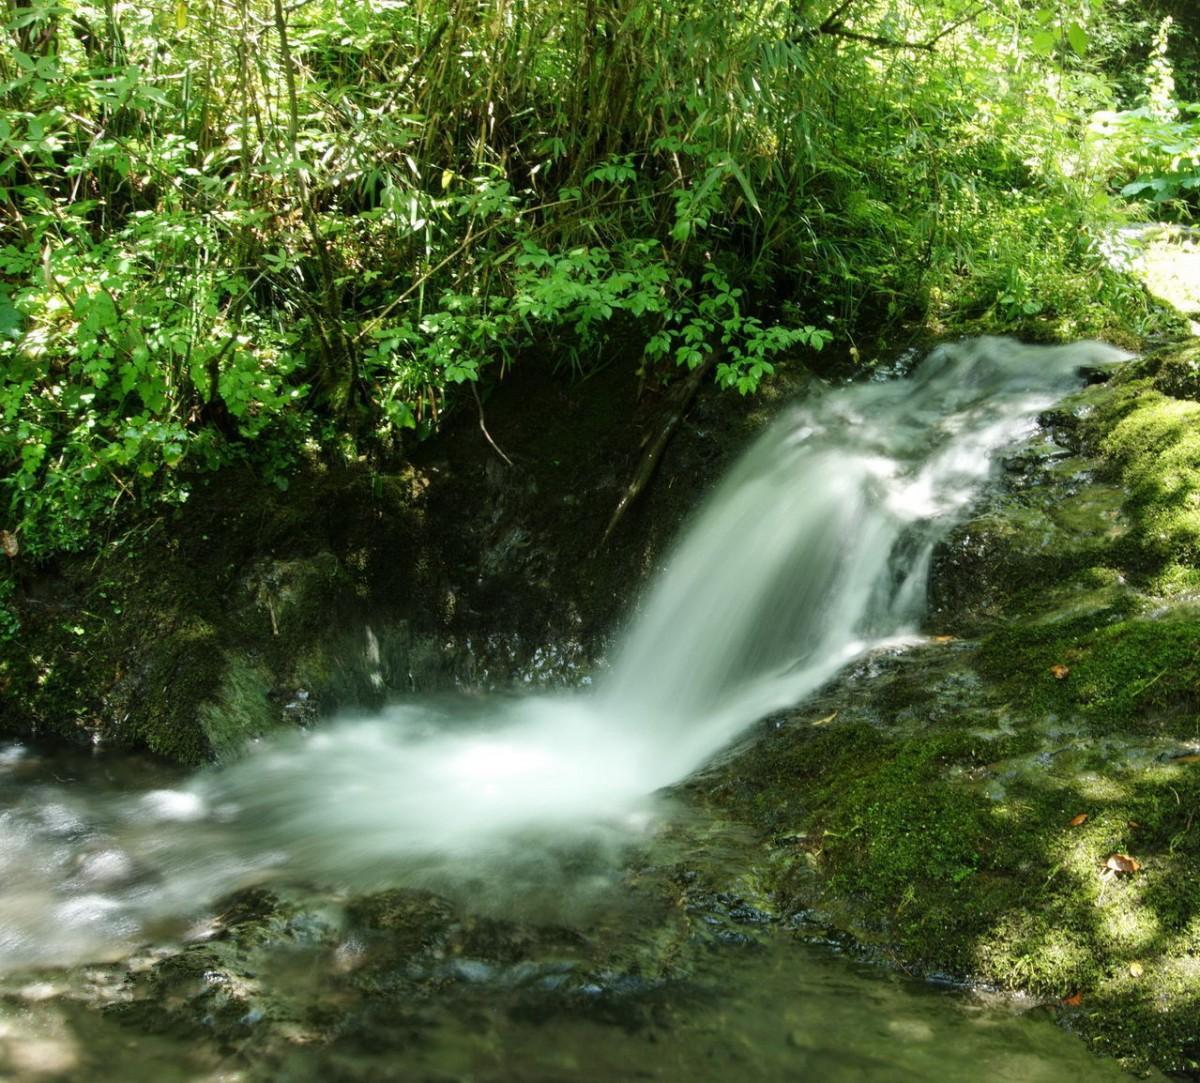 【资讯】去神农架避暑的5个理由   哪个最吸引你